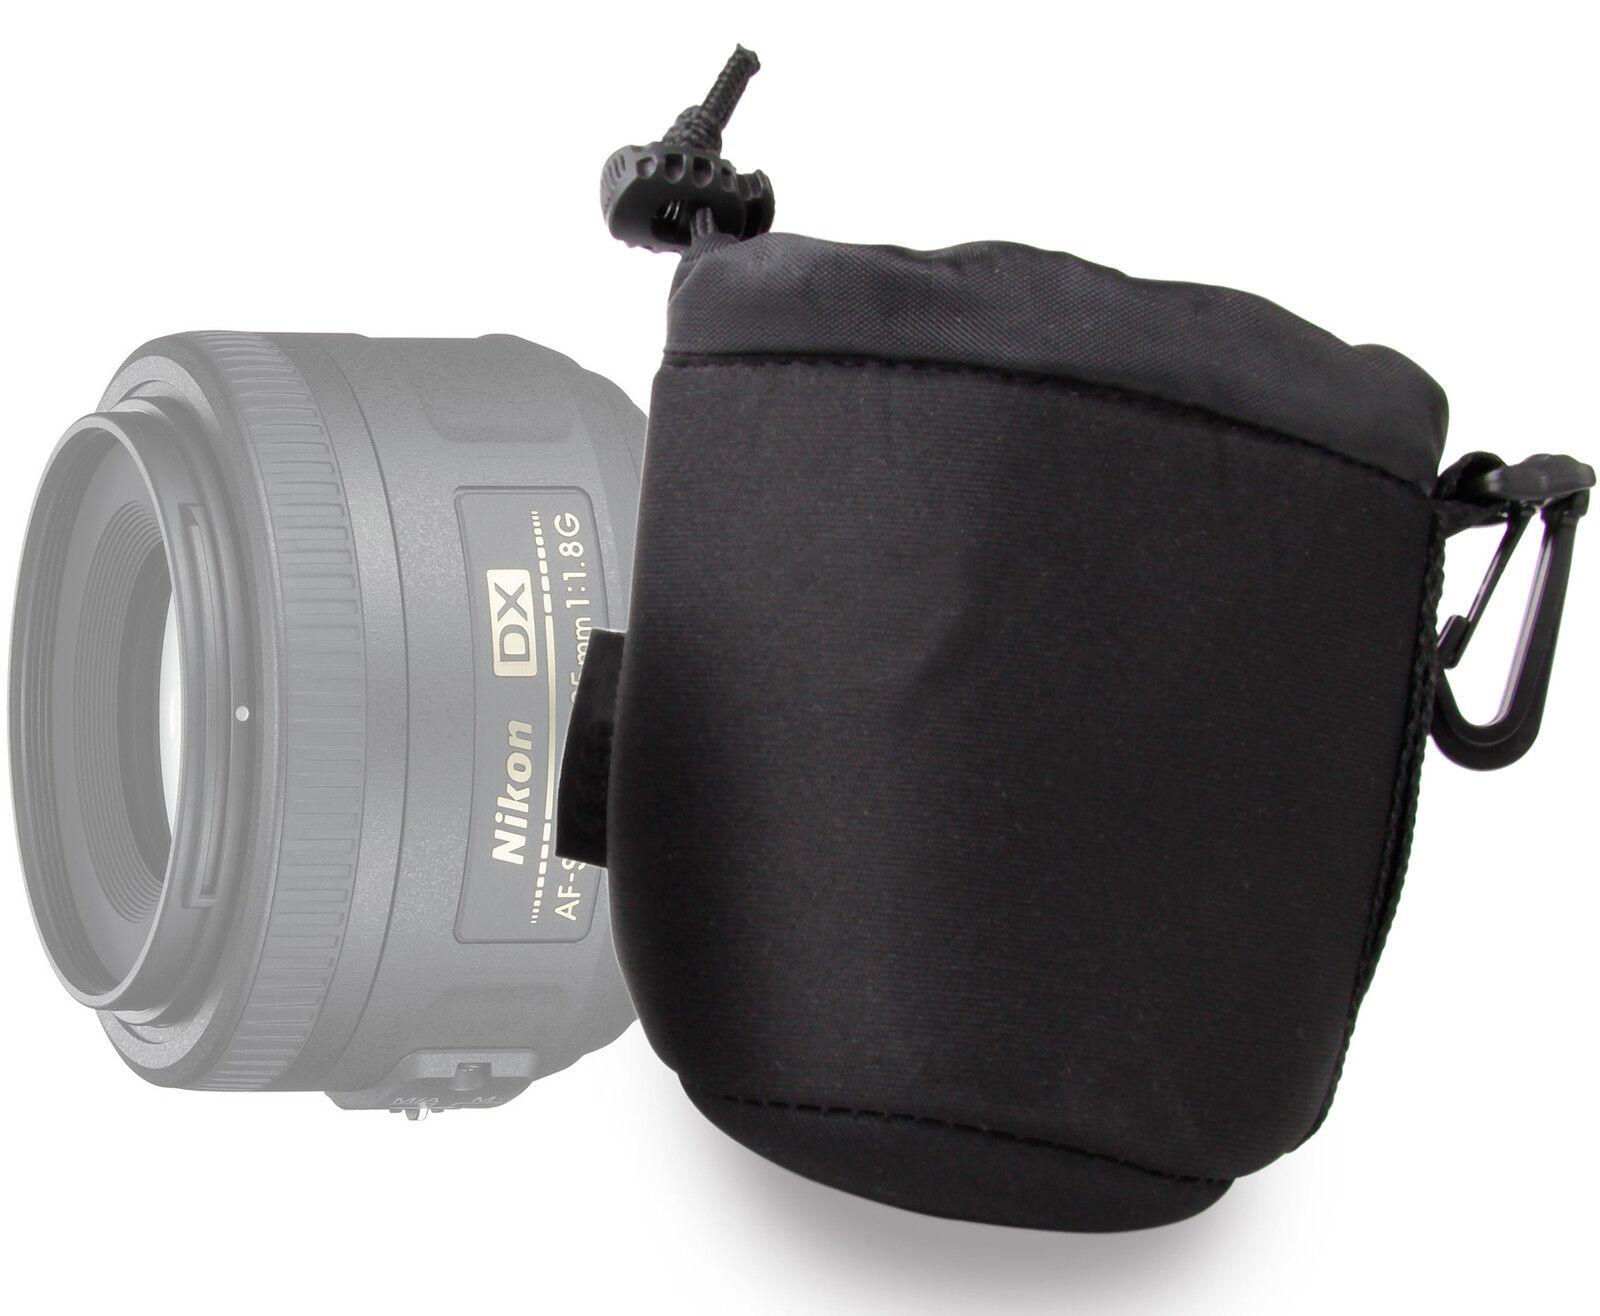 Small Padded Lens Case For Pentax Smc Da 18 55mm 50mm F Cap 3rd Lenses